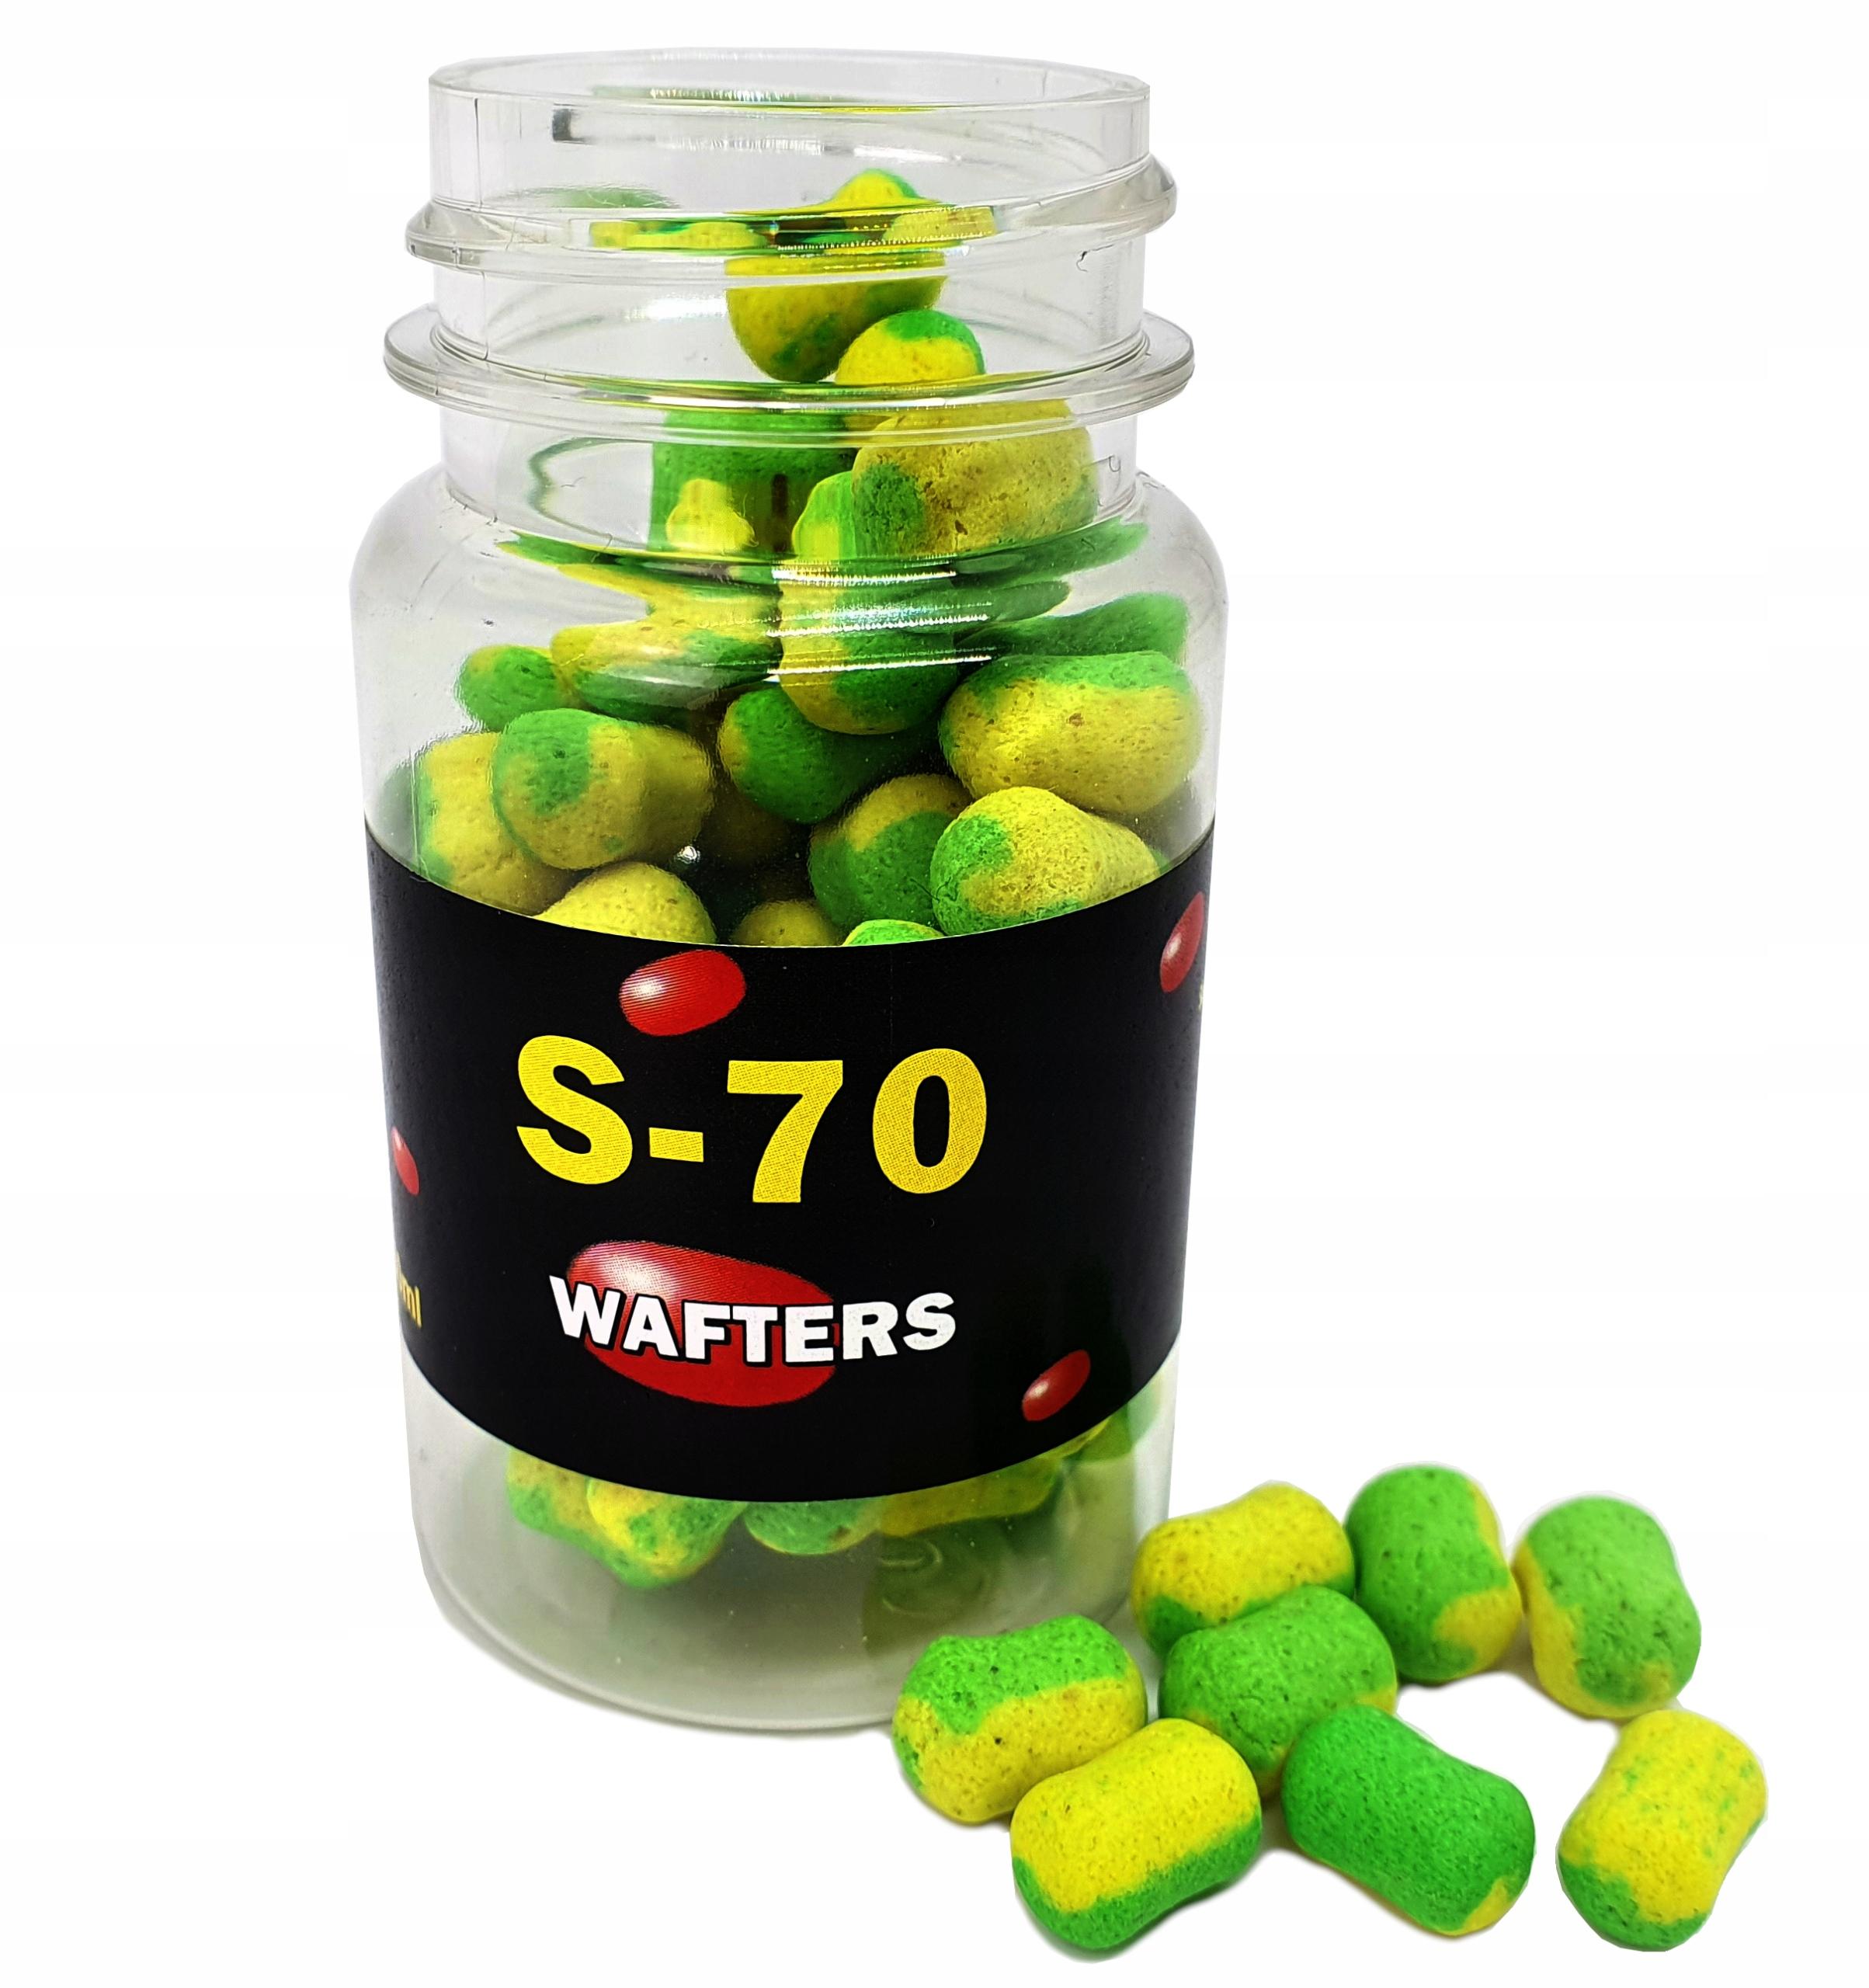 S-70 Wafters Dumbells 8mm MCKarp